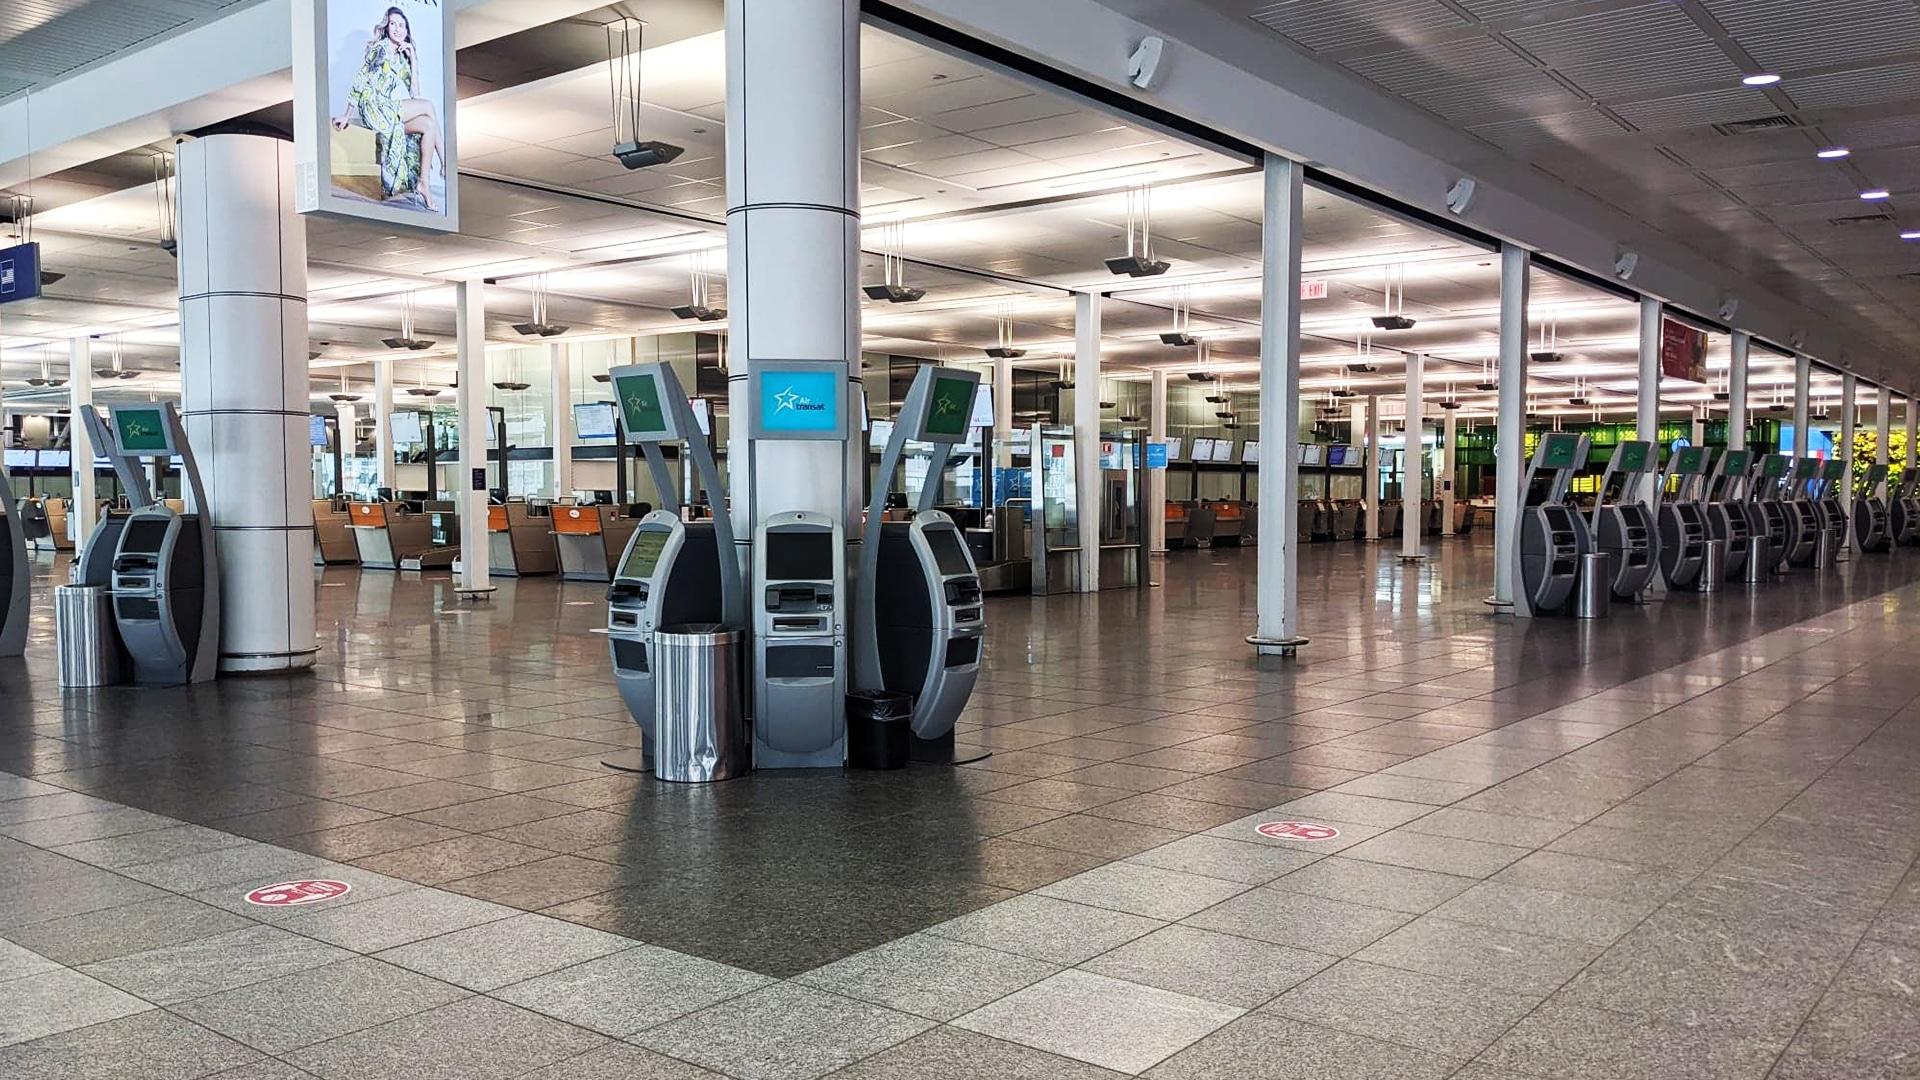 Prendre l'avion pendant le coronavirus : tous les aéroports sont vides